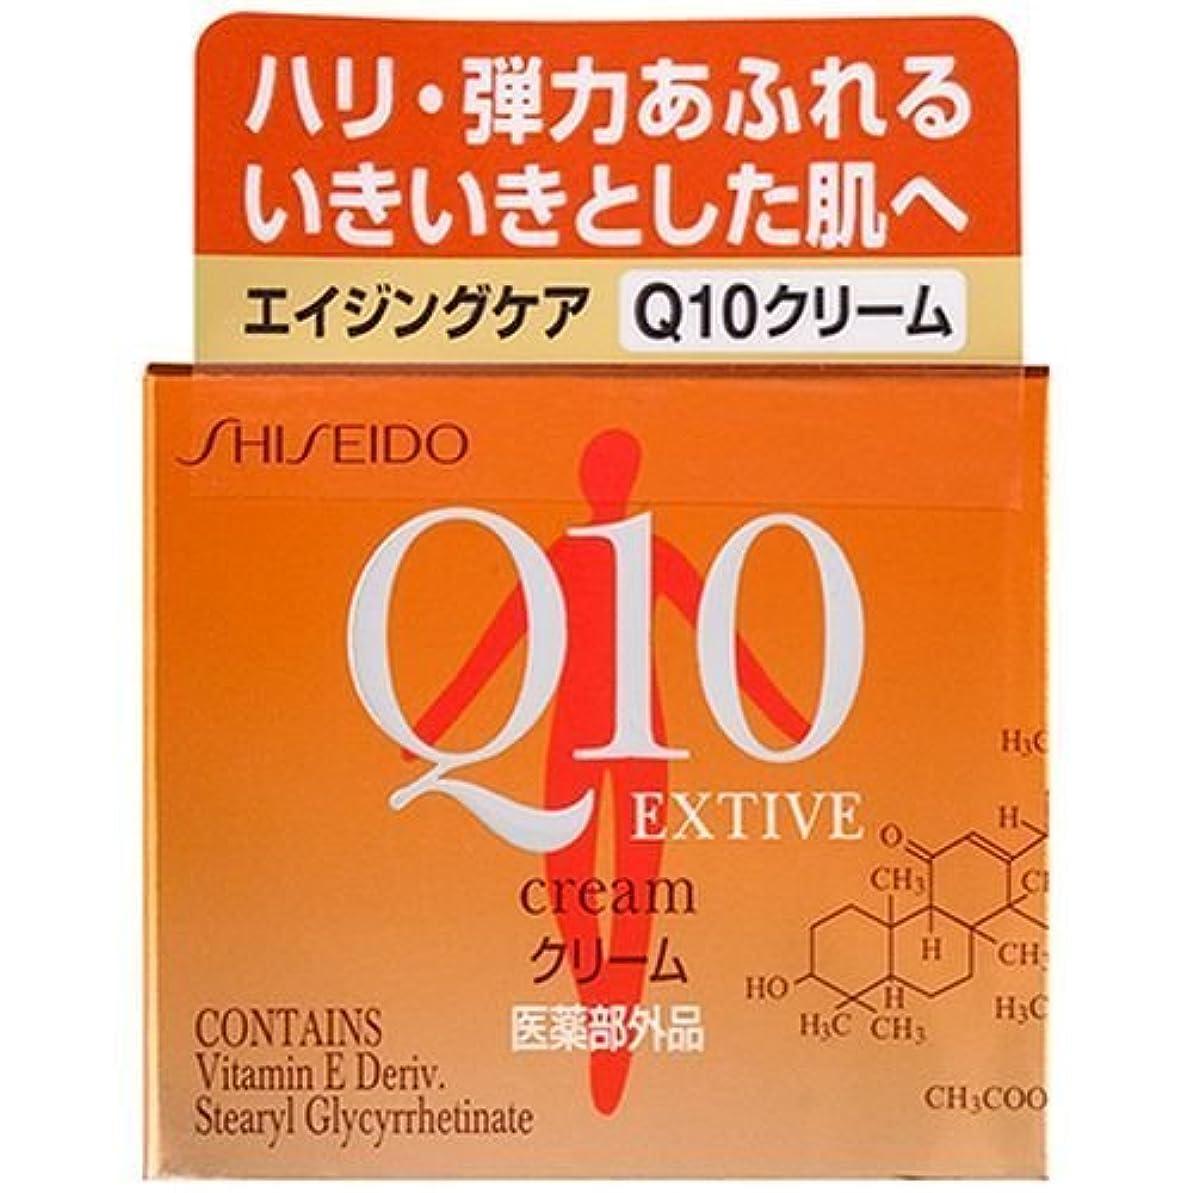 バランスコンプライアンス報告書資生堂 Q10 クリーム 30g (エクティブクリーム)